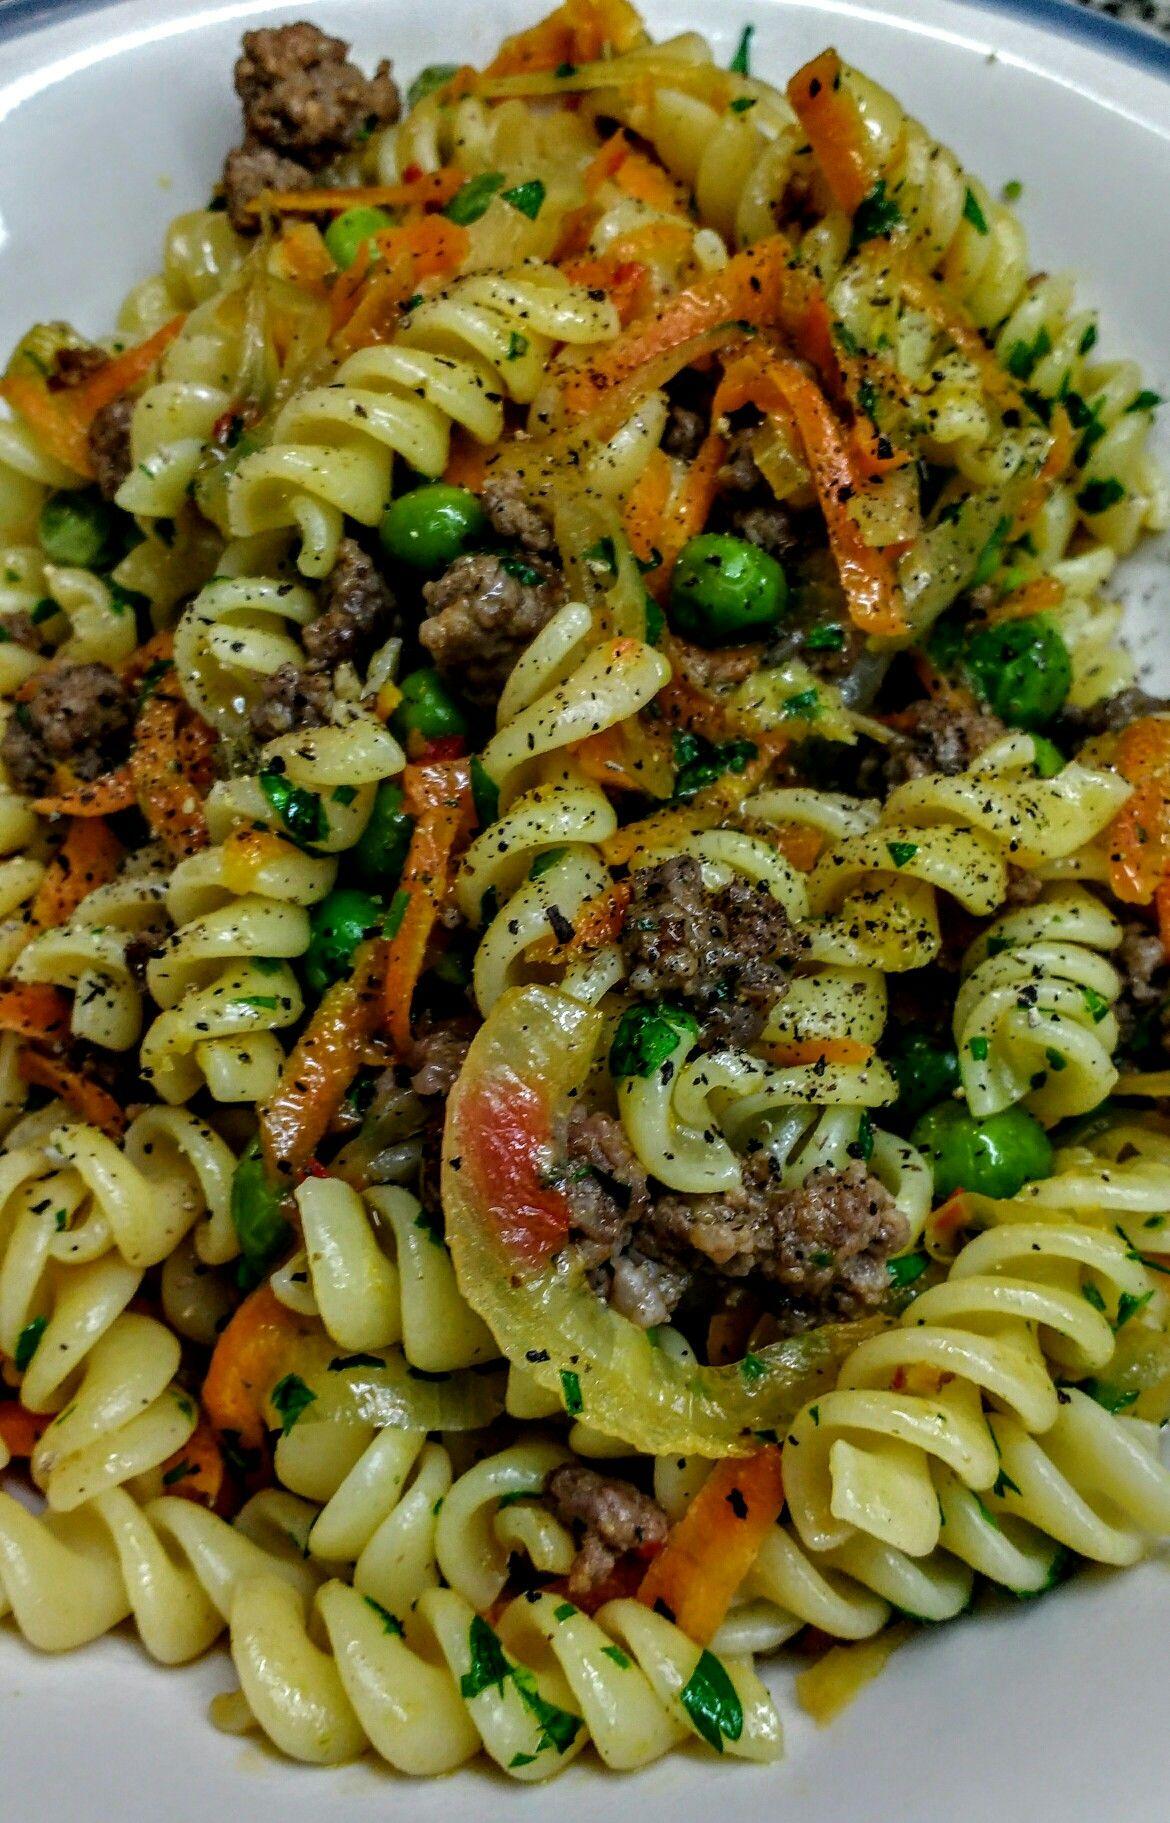 Pasta Corta Con Carne Picada Cebolla Ajo Zanahoria Y Arvejas Pasta Corta Gastronomia Pasta Ingredientes para hacer mayonesa de arvejas y zanahorias pasta corta con carne picada cebolla